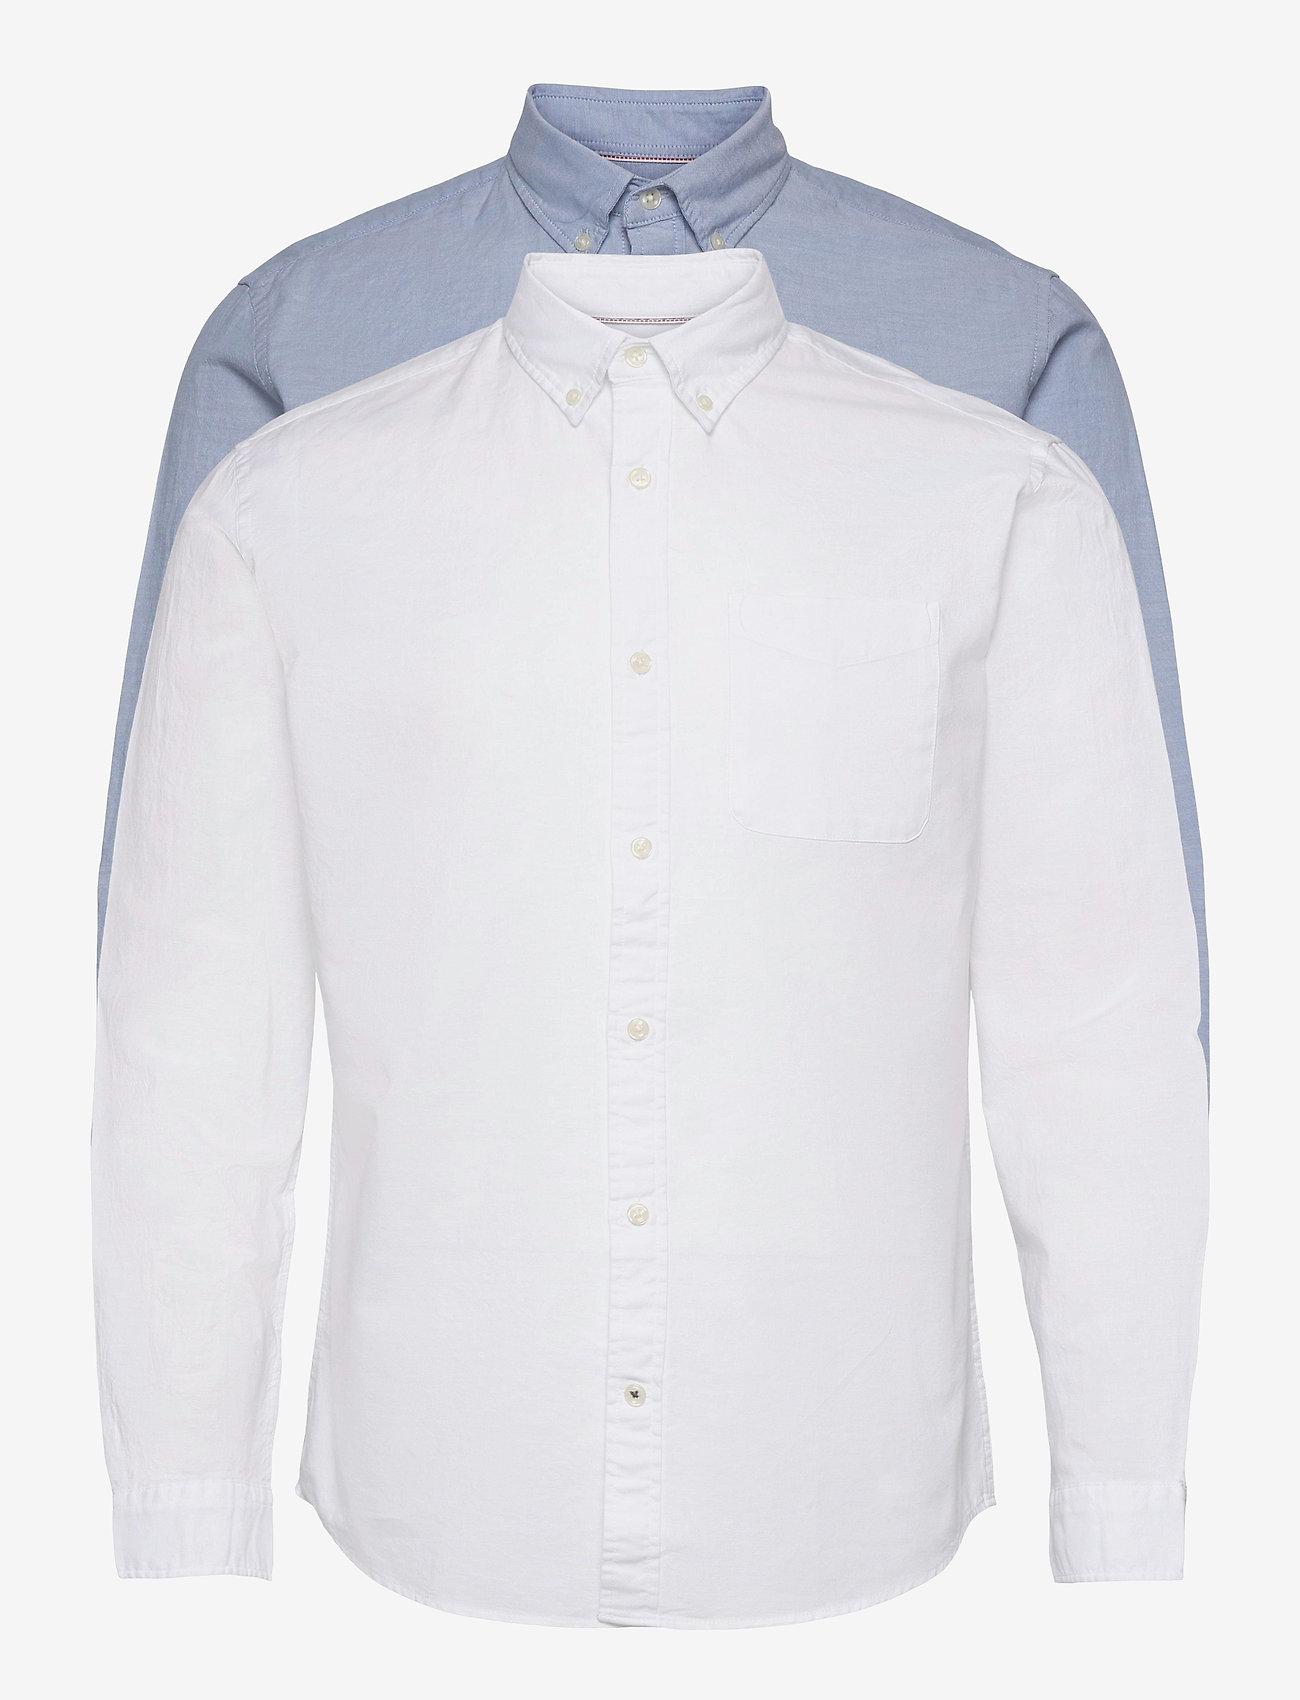 Jack & Jones - JJEOXFORD SHIRT L/S S21 2PK MP - basic skjortor - cashmere blue - 0